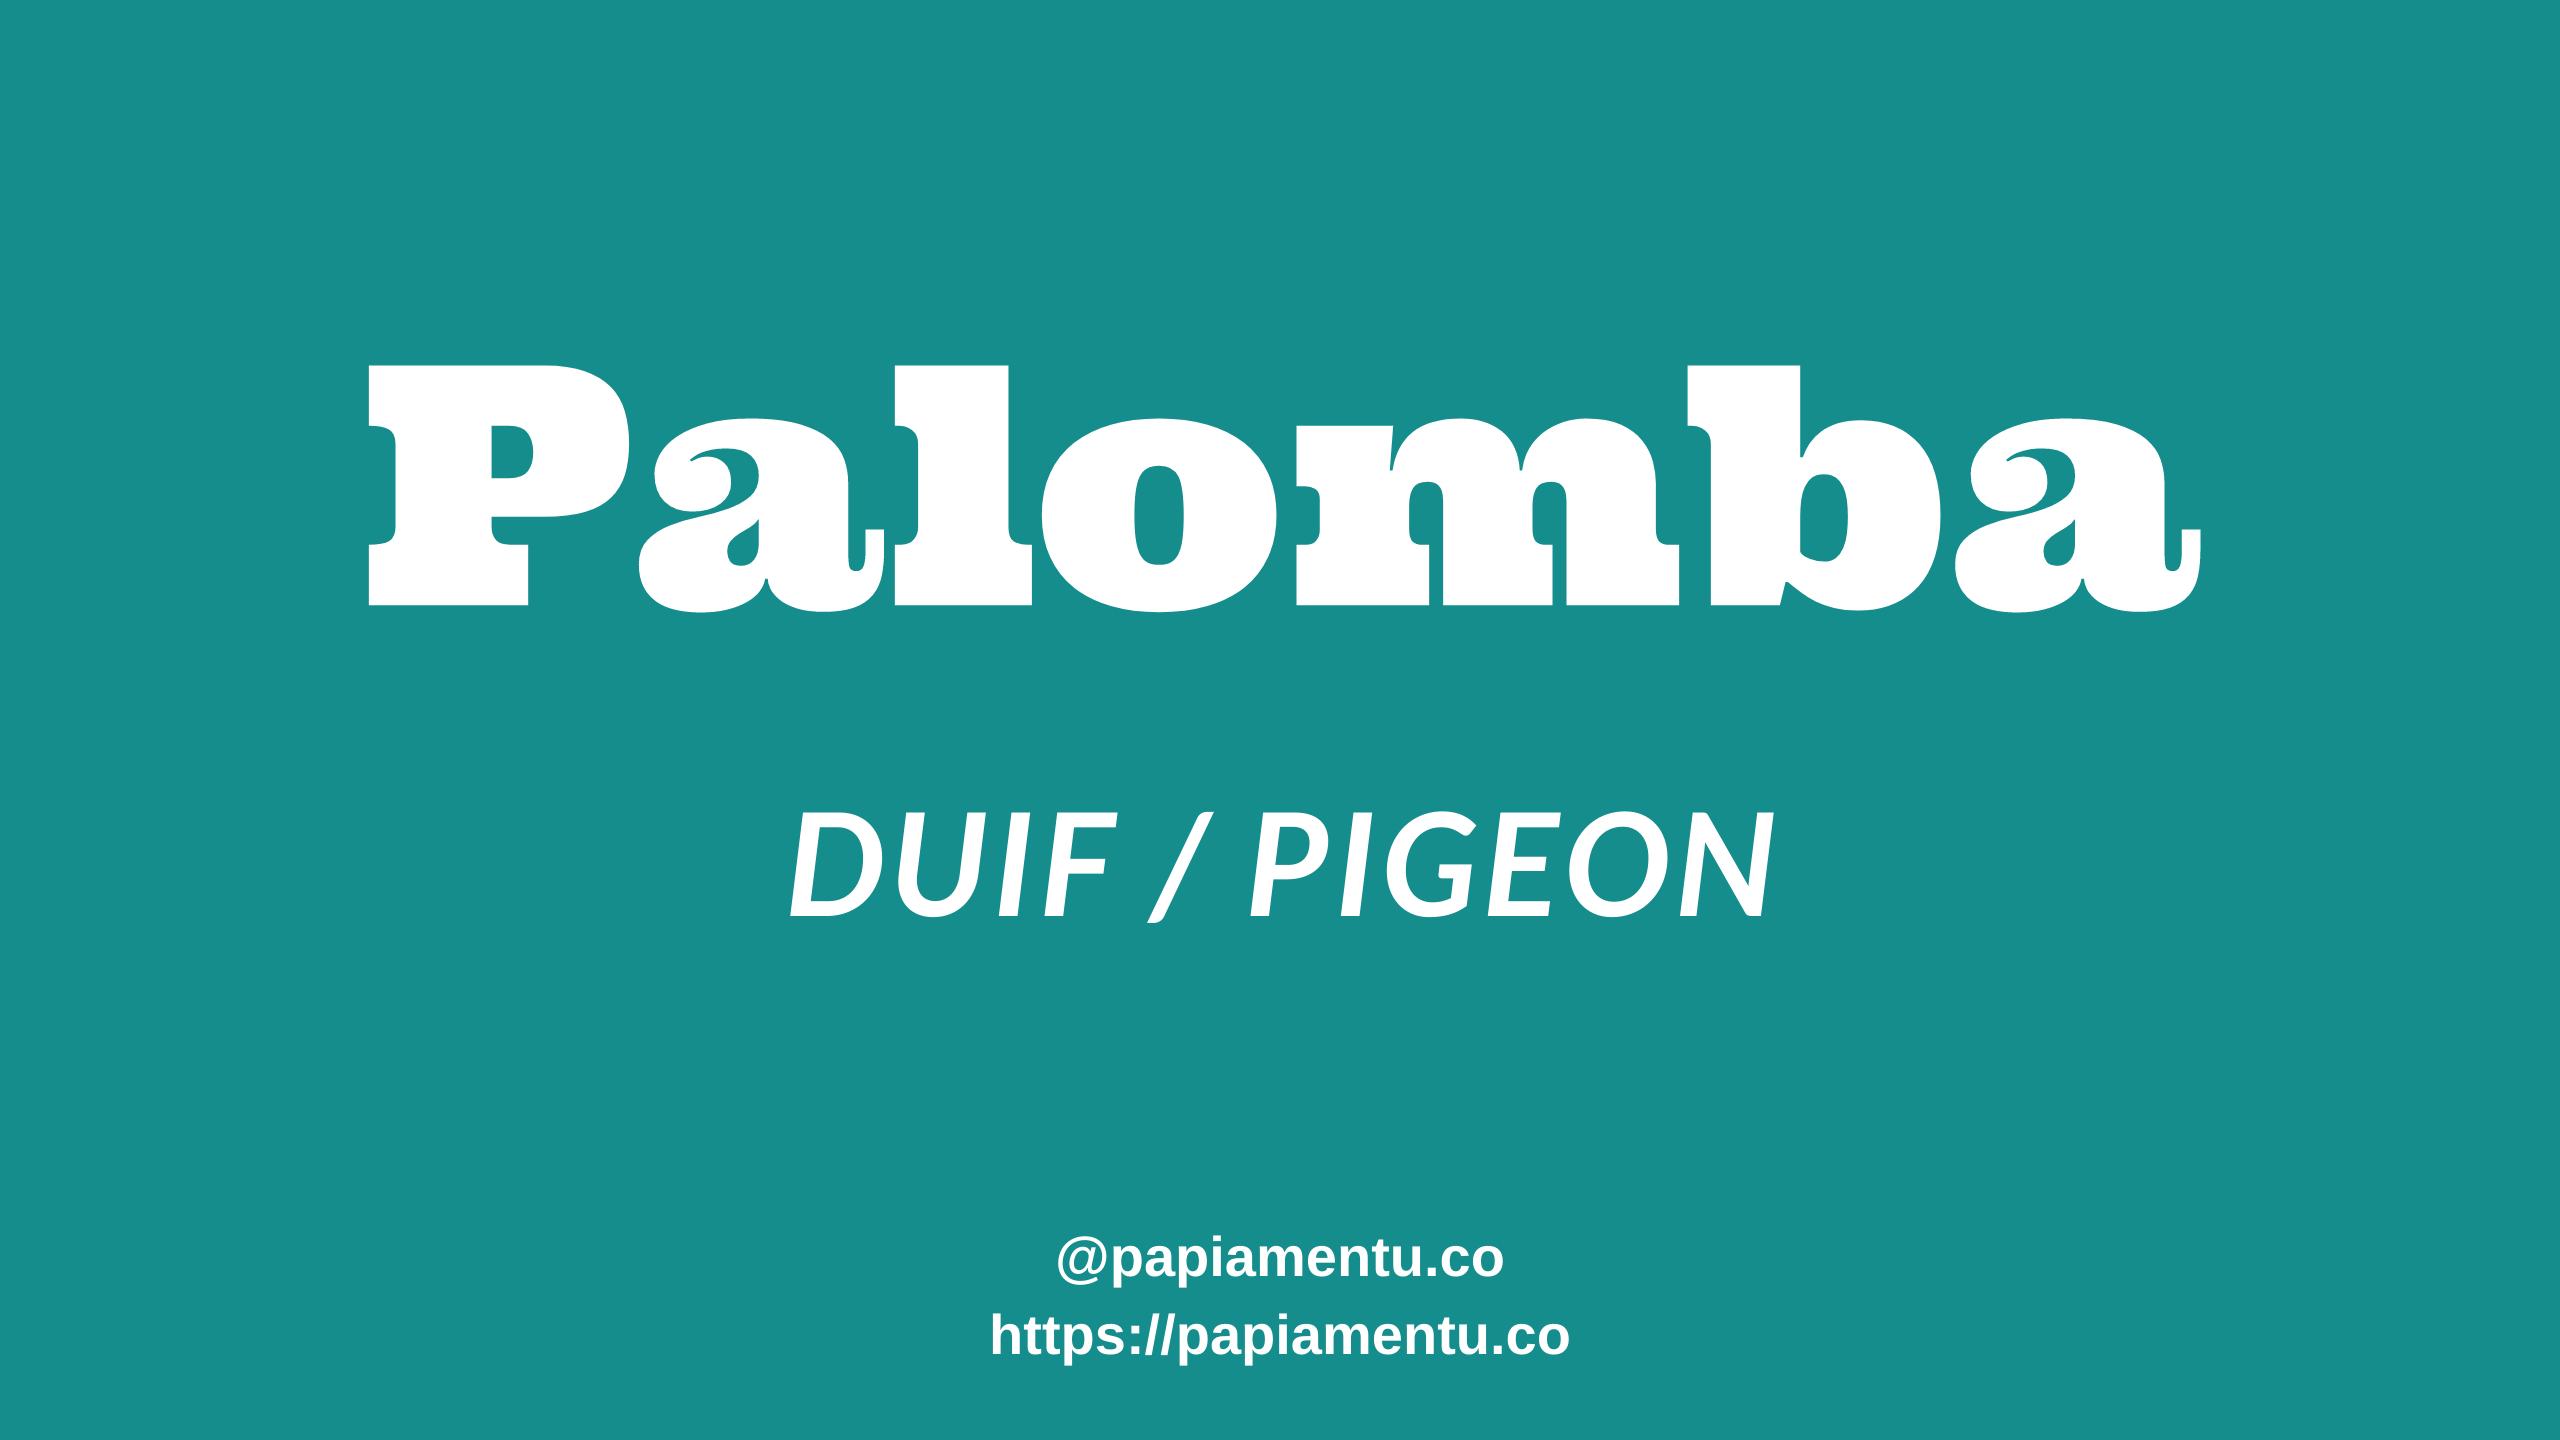 Zo zeg je Palomba in Papiamentu